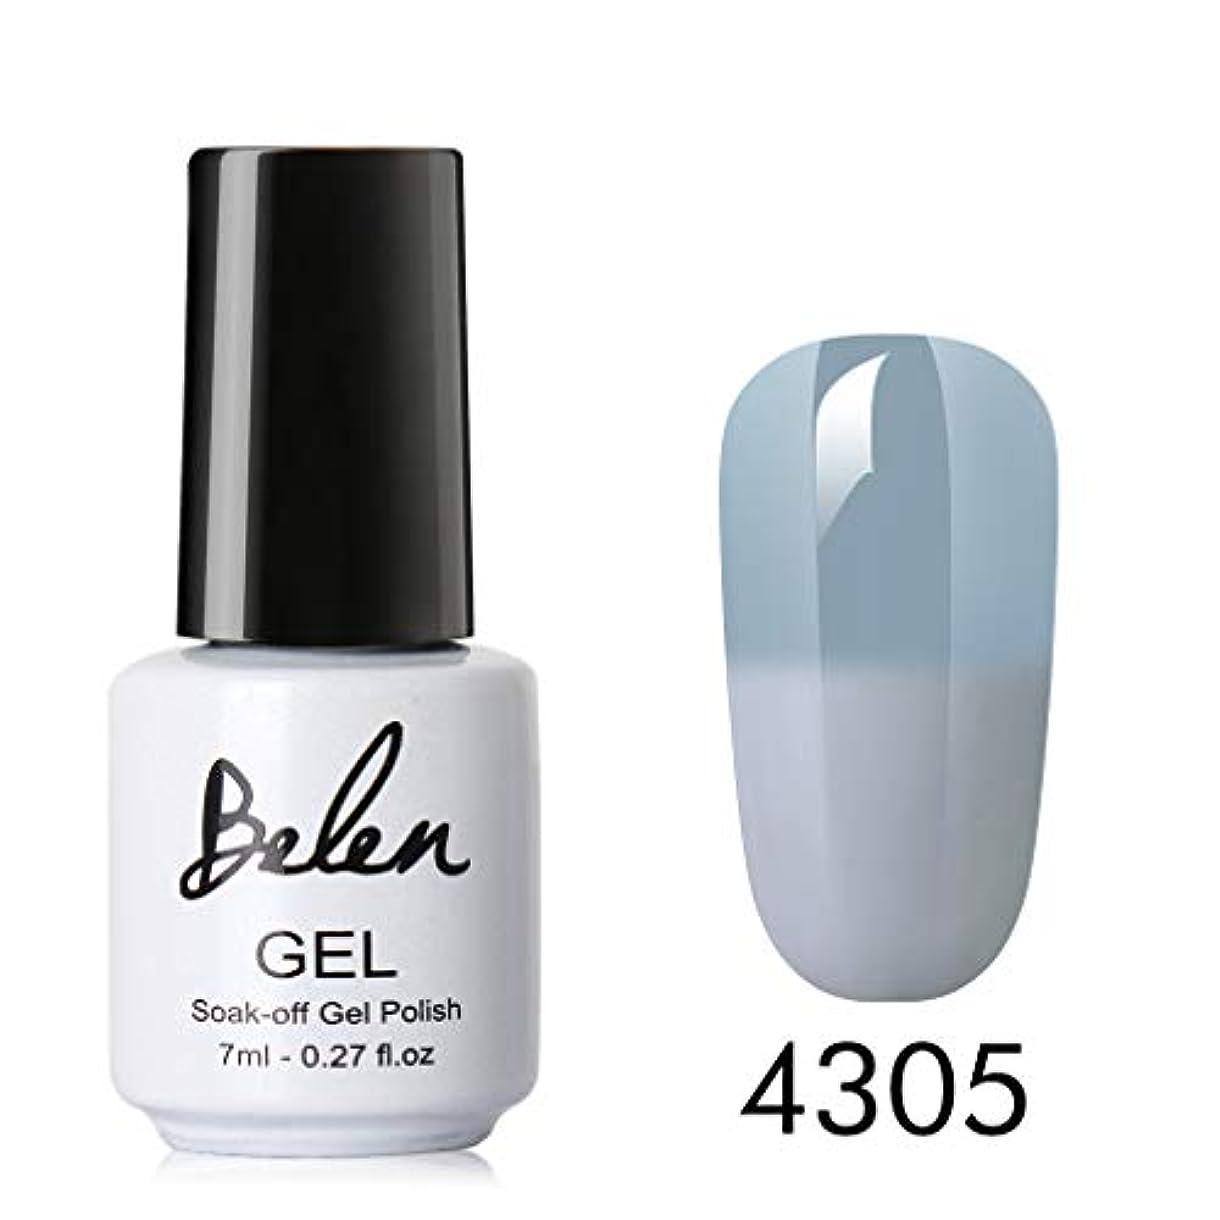 ジャンクリング性別Belen ジェルネイル カラージェル グレー カメレオンカラージェル 温度により色が変化 1色入り 8ml 【全9色選択可】